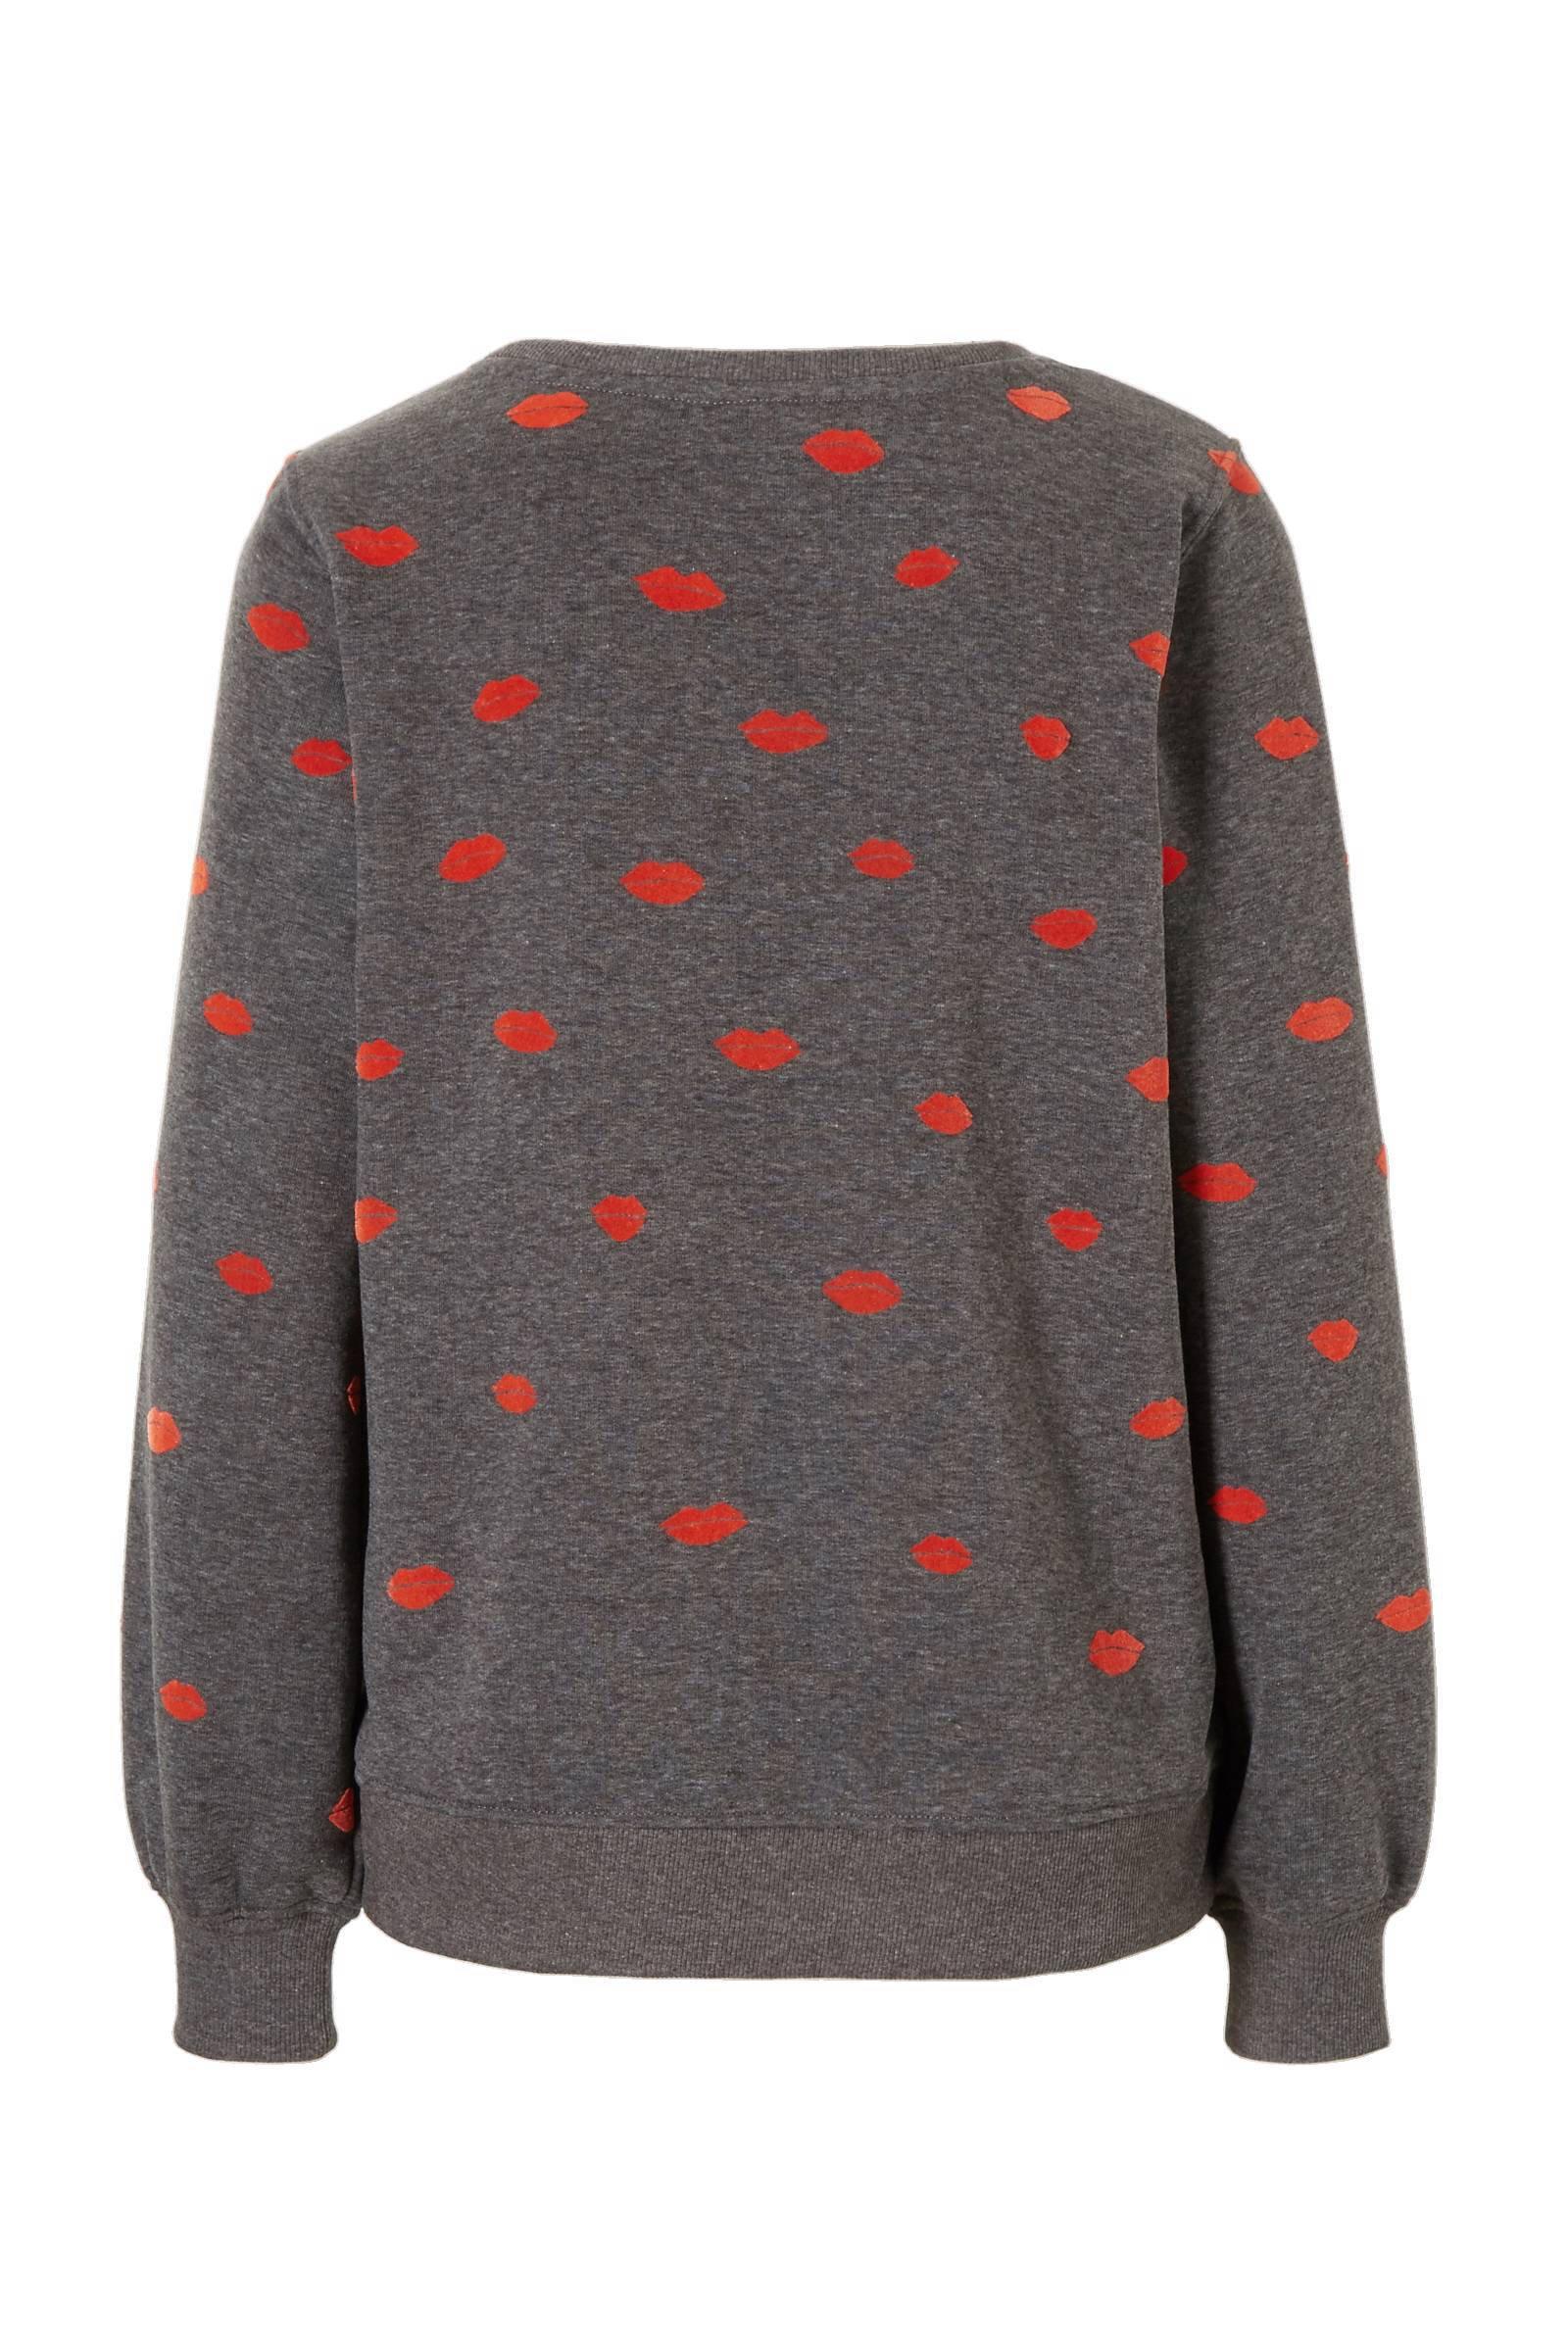 met met flockprint ONLY met sweater ONLY ONLY sweater sweater flockprint 61waO1x